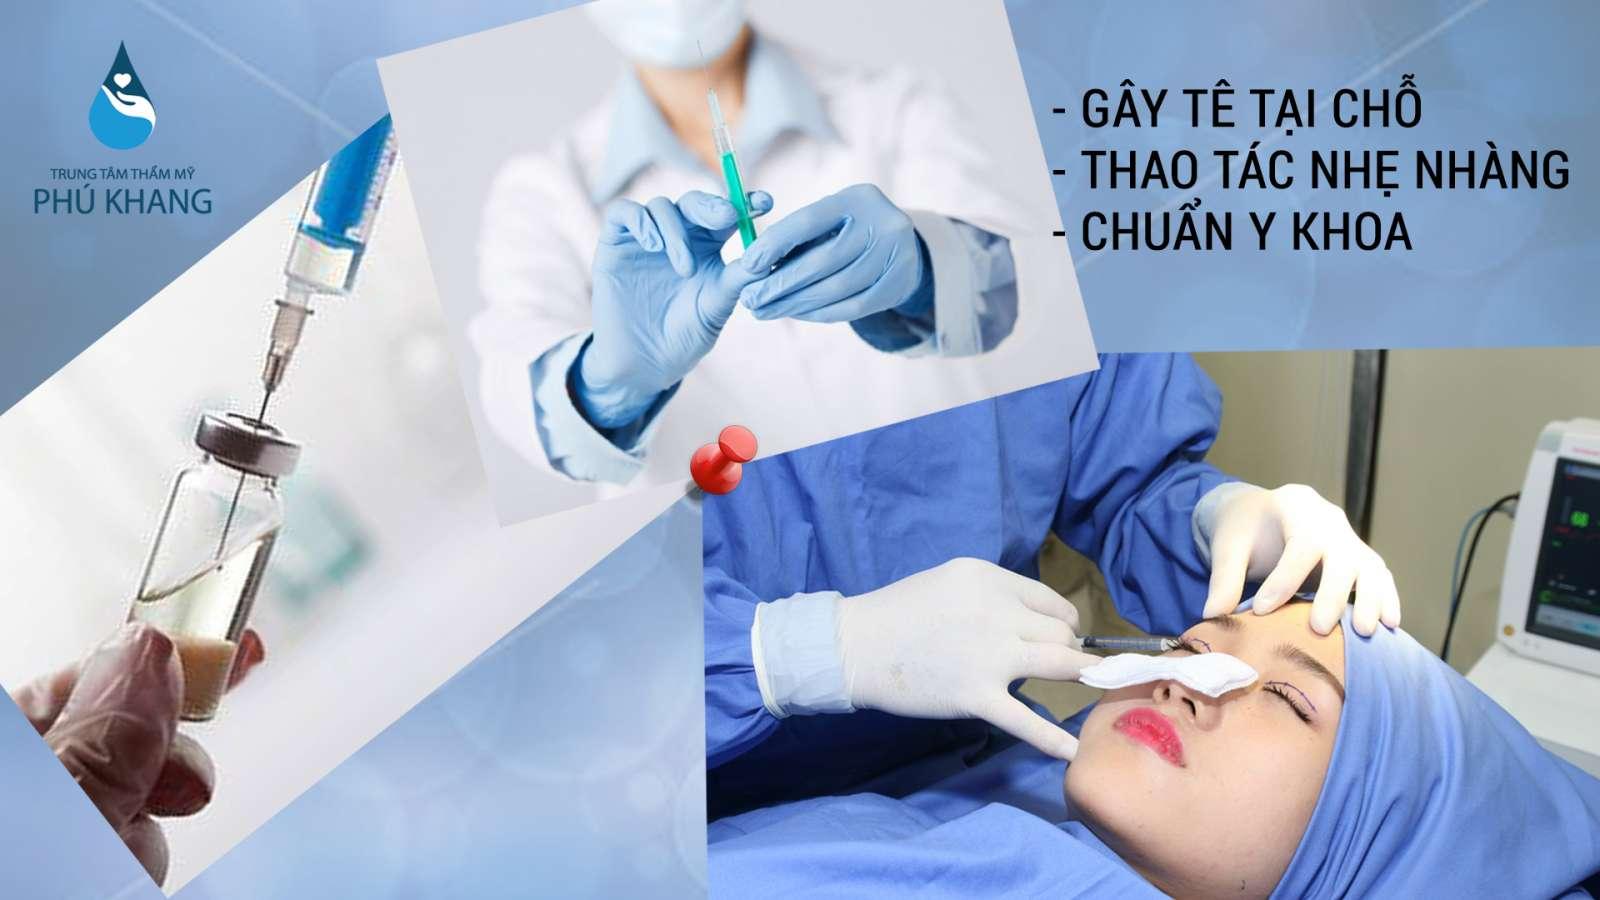 phu-khang-dam-bao-thuc-hien-dung-tieu-chuan-y-te